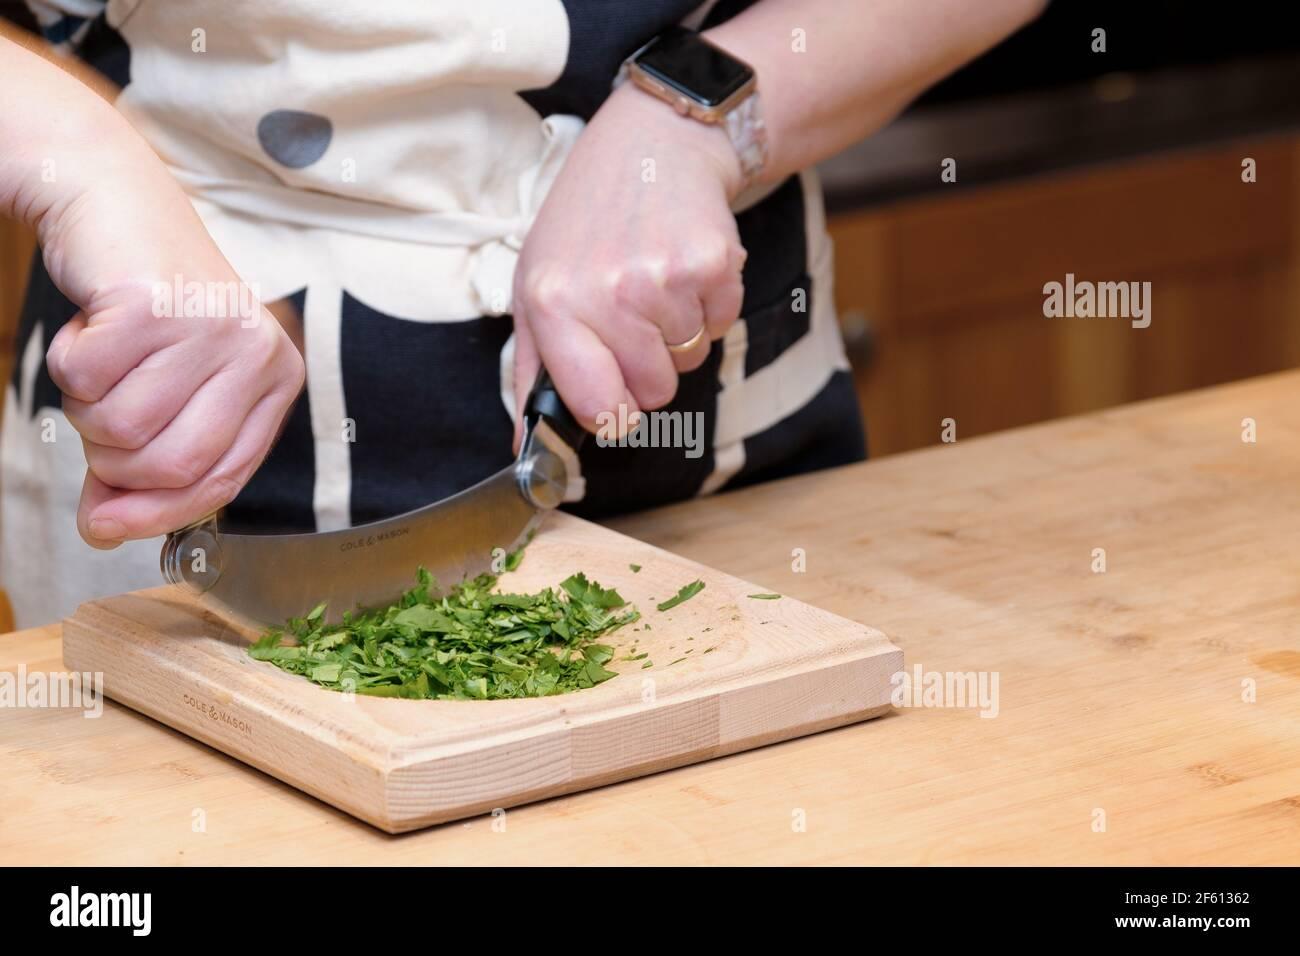 Une cuisine à l'aide d'un coupe-chœur Hachoir ou Ha et d'une planche à découper fait cuire des côtelettes d'herbes fraîches, de la coriandre, du Coriandrum sativum Banque D'Images